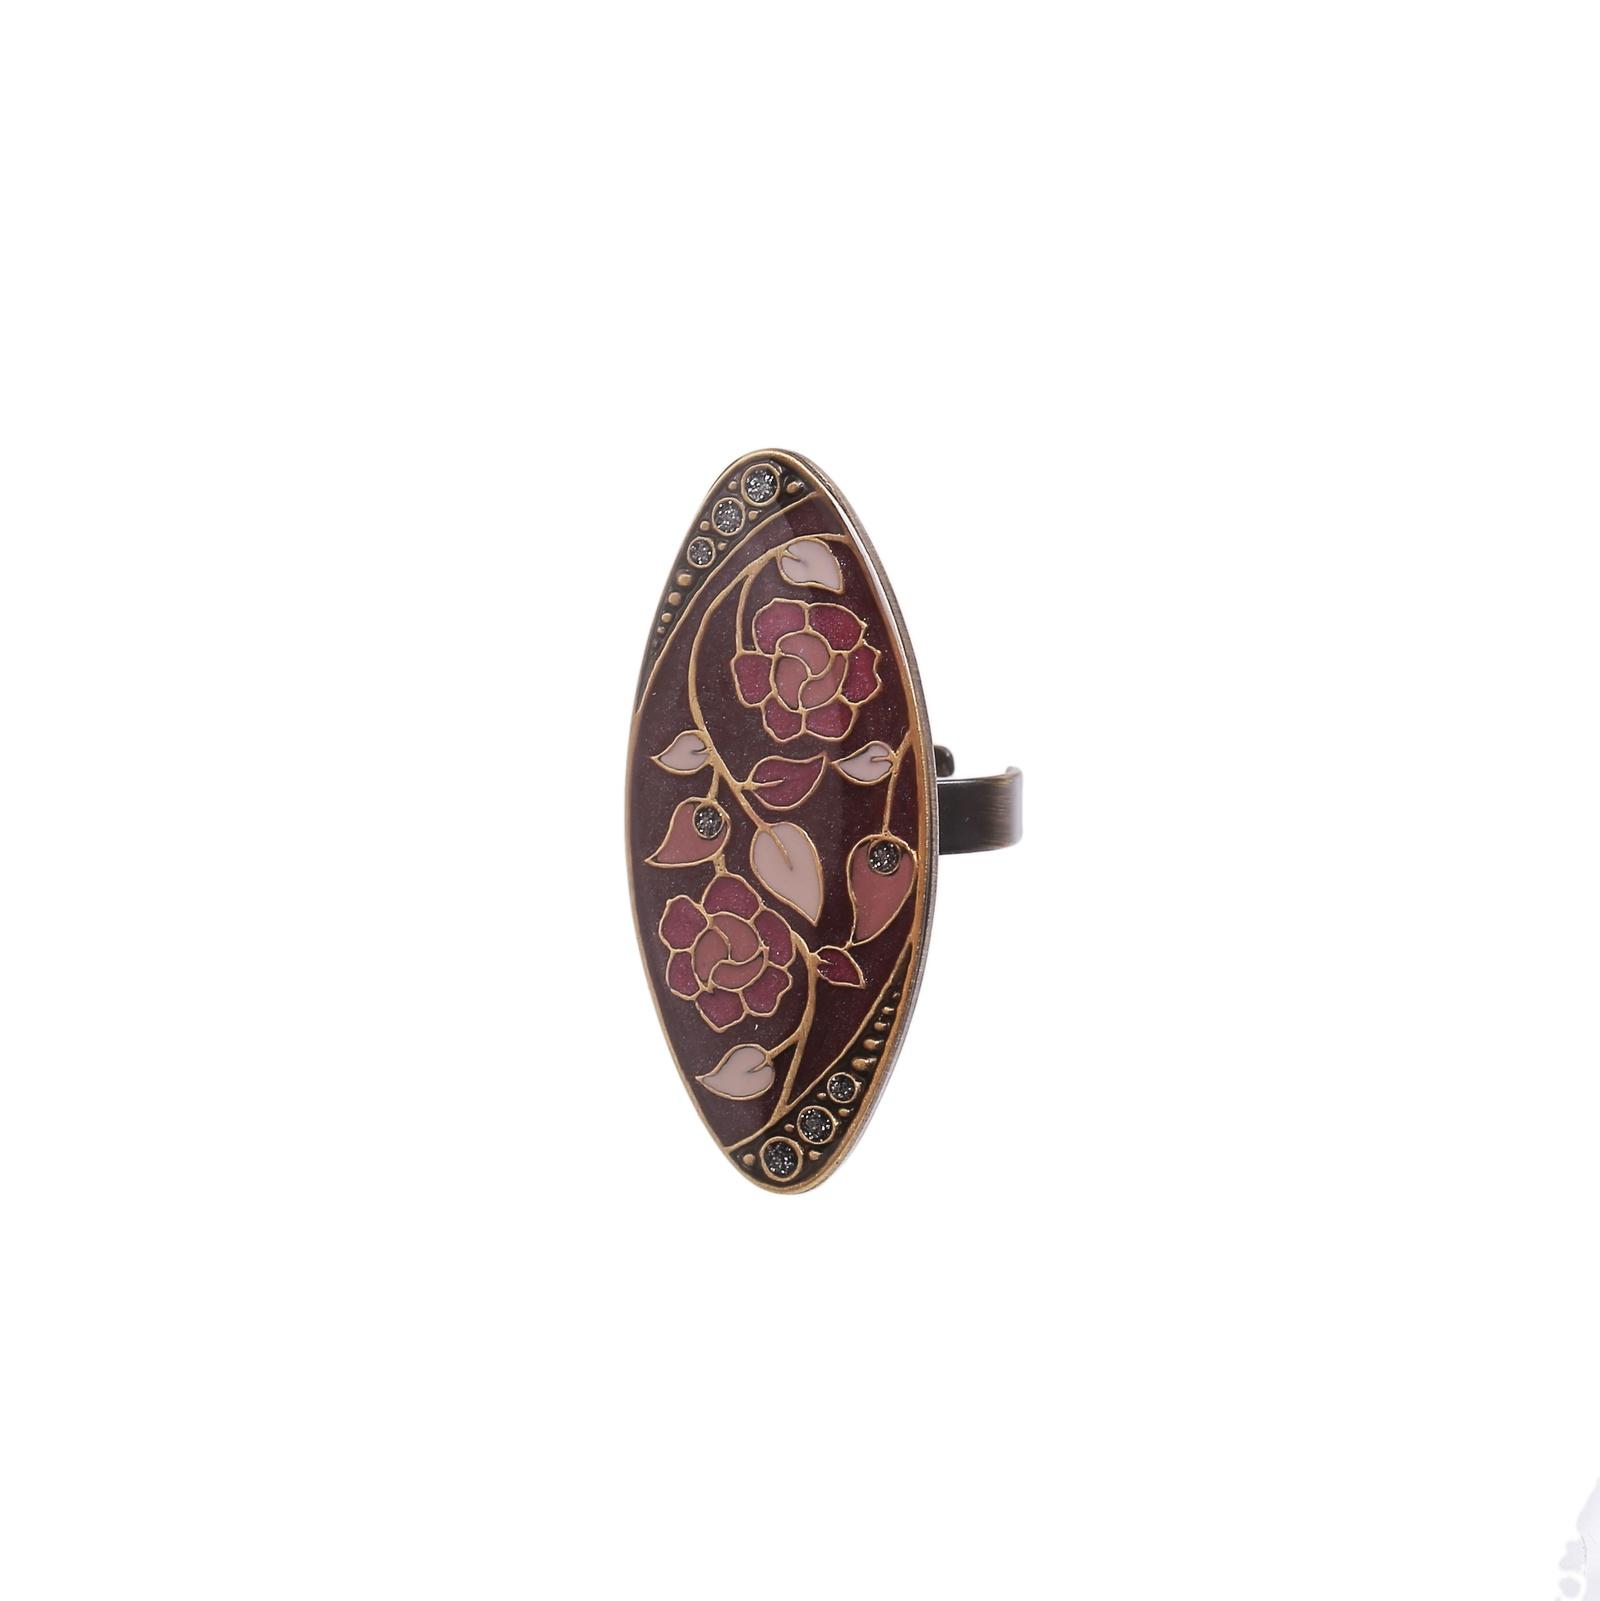 Кольцо бижутерное Clara Bijoux безразмерное, Гипоаллергенный сплав, Эмаль, Безразмерное, бежевый, розовый, фиолетовыйK77113-3 VВ изготовлении бижутерии используются гипоаллергенные материалы и горячая эмаль. Кольцо безразмерное, поэтому его можно регулировать под размер пальца.